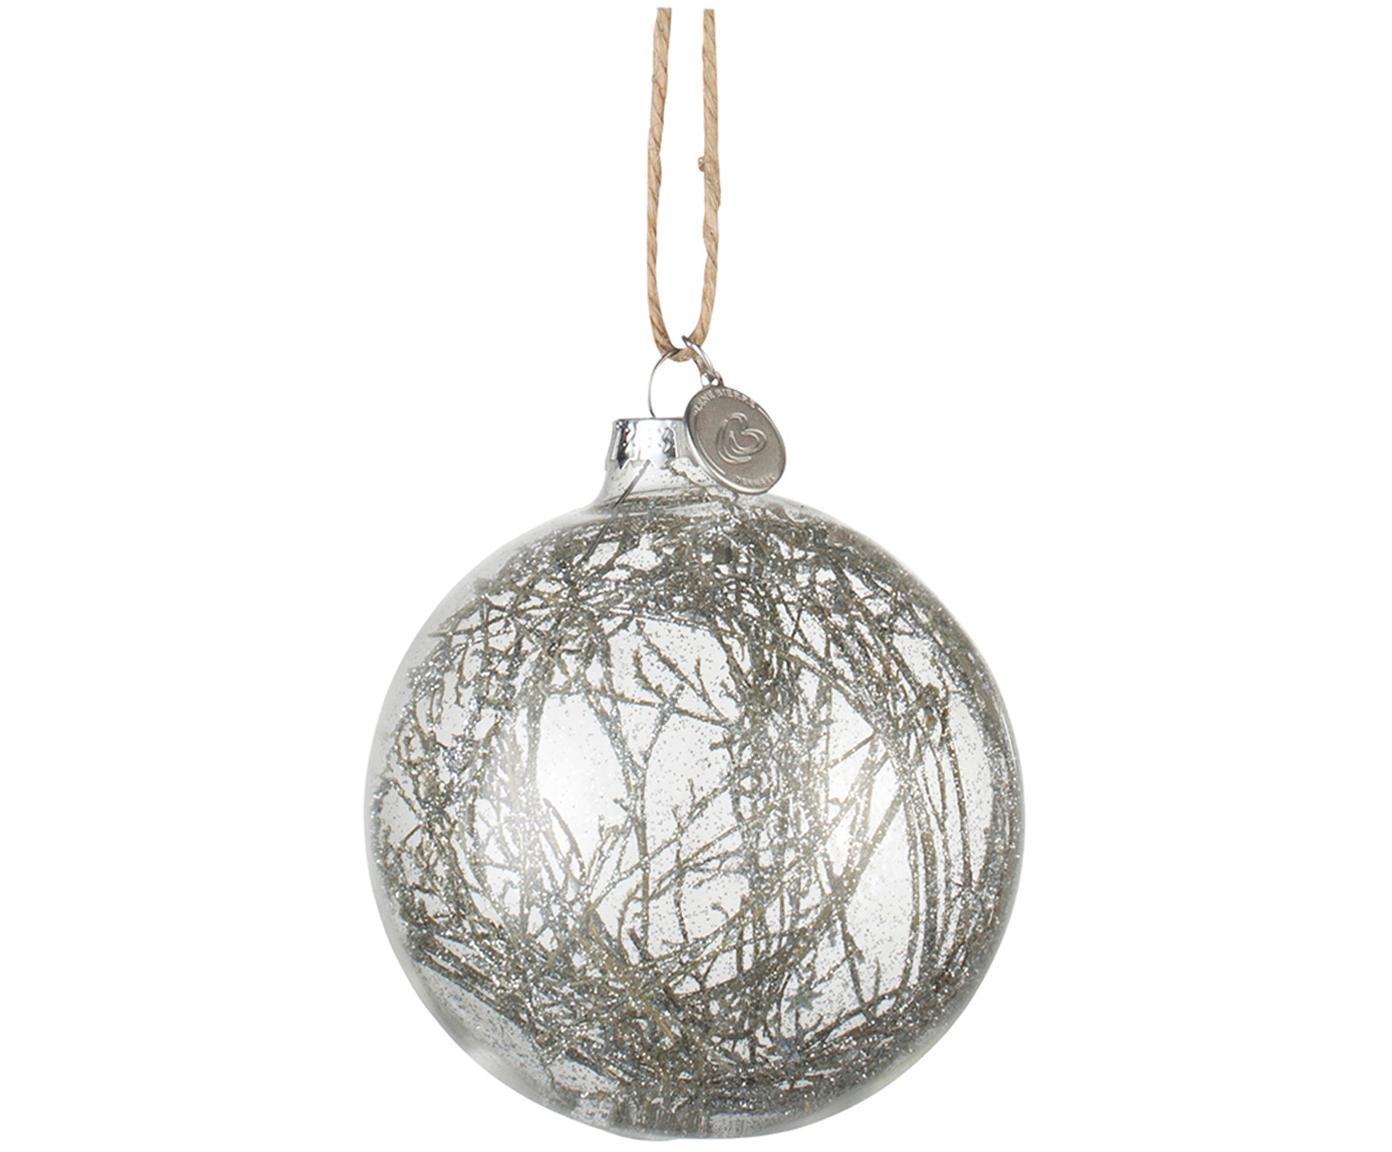 Weihnachtskugeln Mernia Ø8cm, 2Stück, Transparent, Silberfarben, Ø 8 cm